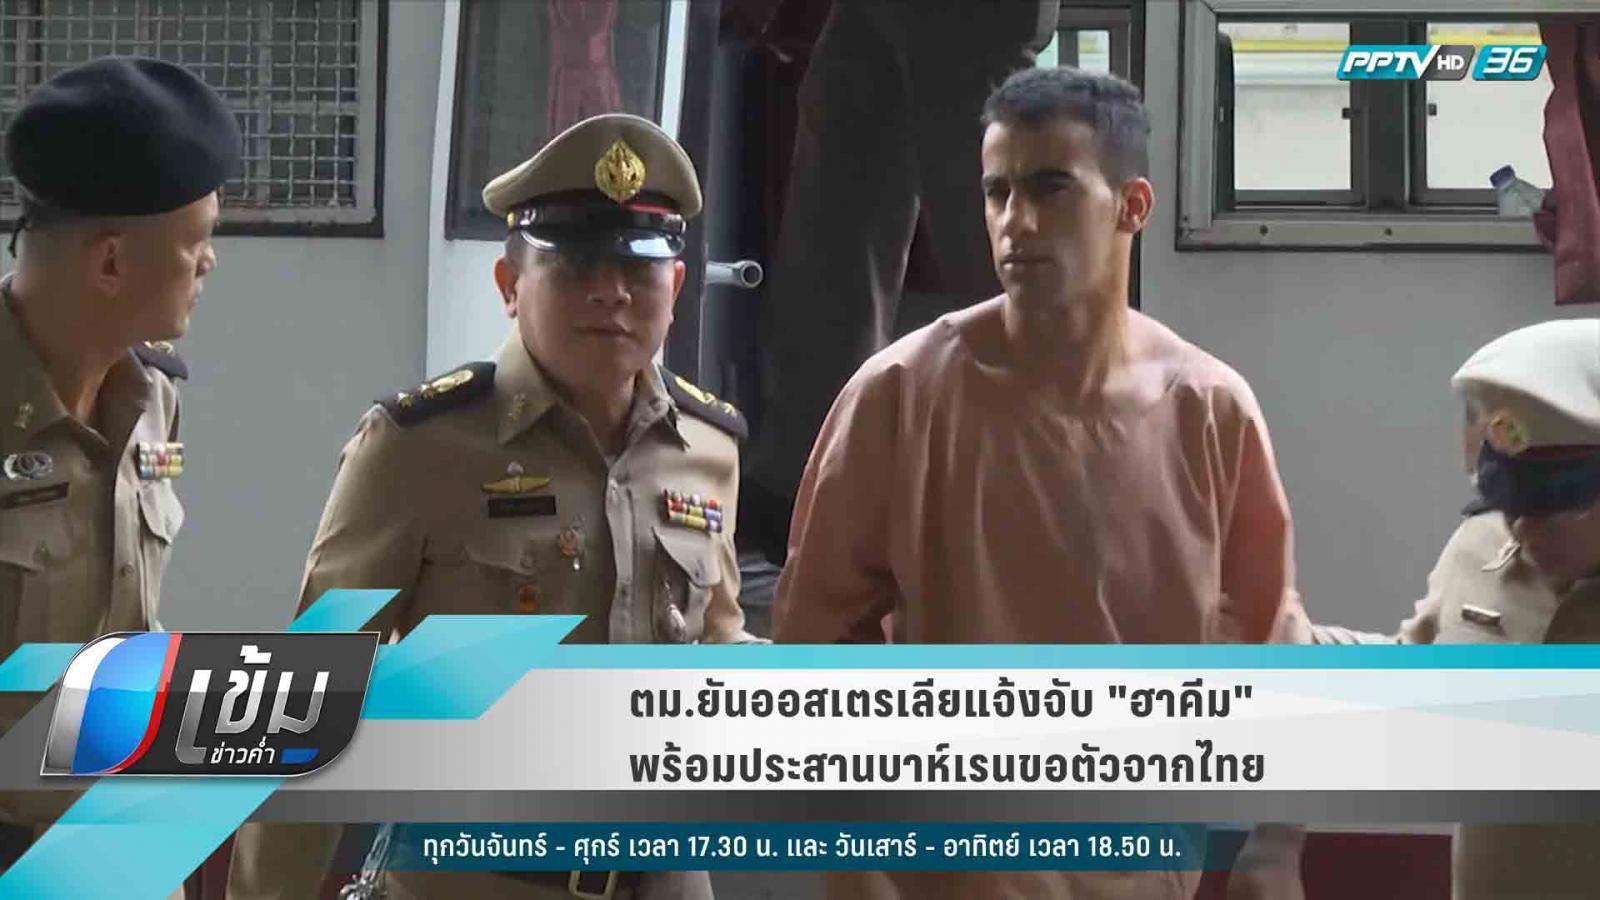 """สตม.ยันออสเตรเลียแจ้งจับ""""ฮาคีม""""พร้อมประสานบาห์เรนขอตัวจากไทย"""